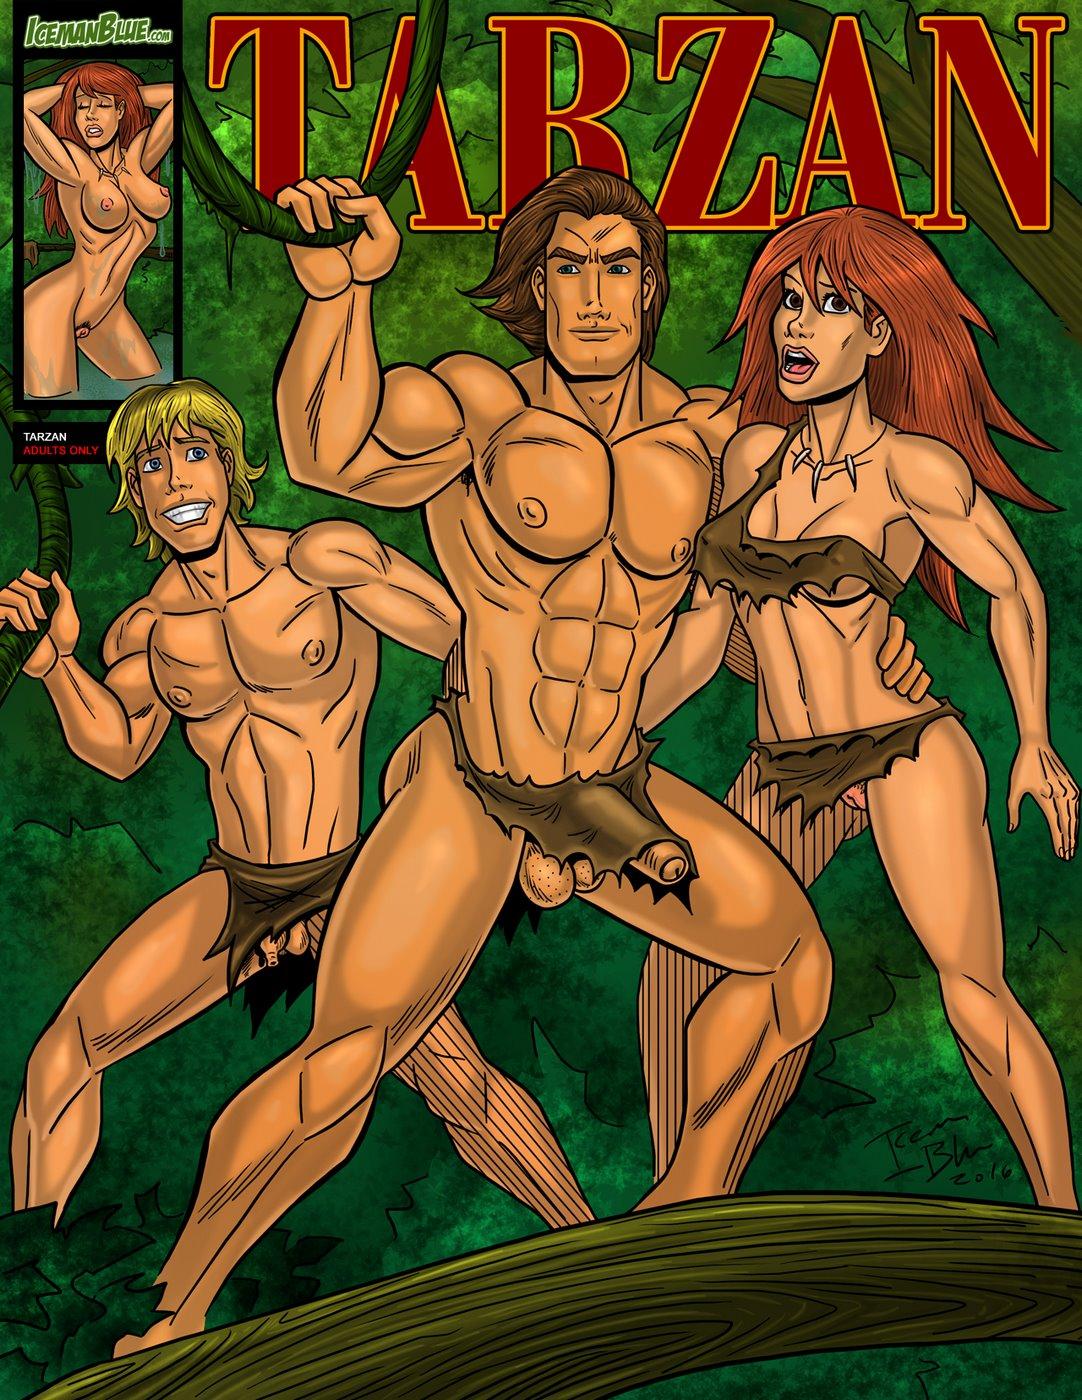 Porn Comics - Iceman Blue- Tarzan porn comics 8 muses